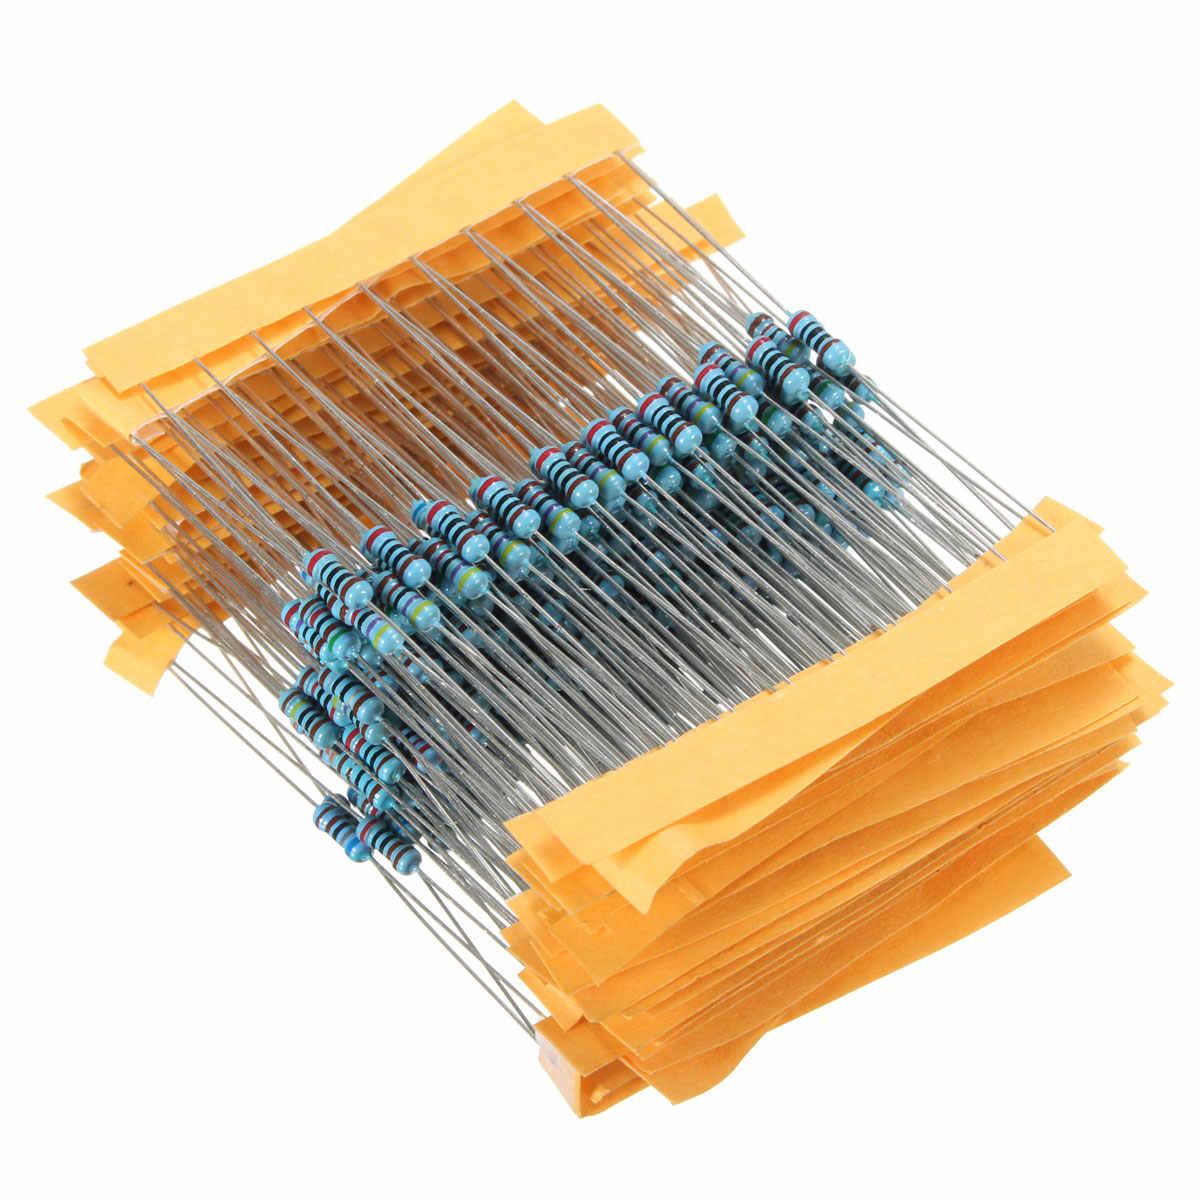 Nowy 300 sztuk DIY Led doskonałe profesjonalny rezystory z folii metalowej 300 Pack 10 każdy 30 wartości 1/4 w 1% zestaw/asortyment zestaw układów